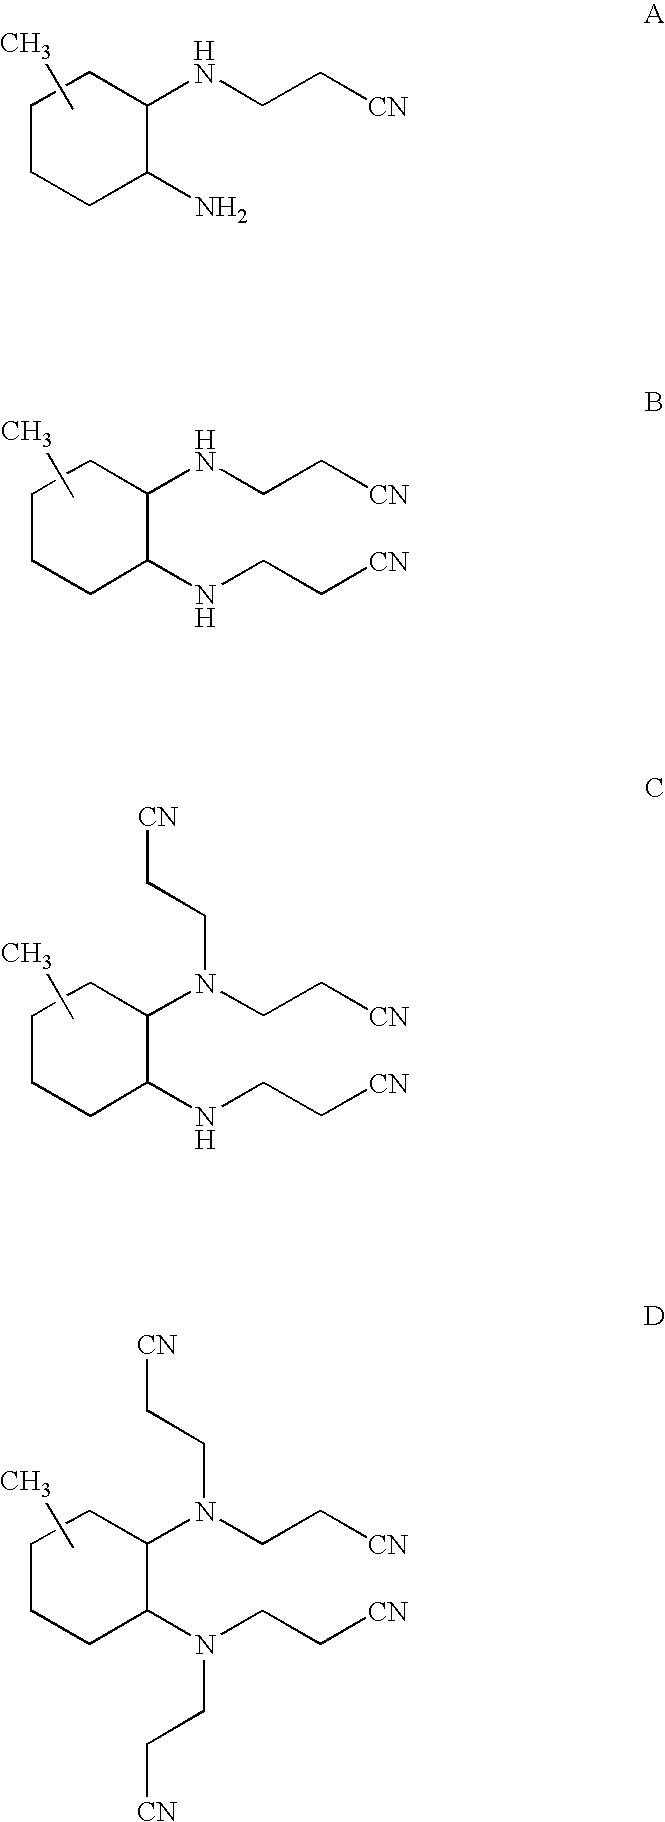 Figure US20090130849A1-20090521-C00021